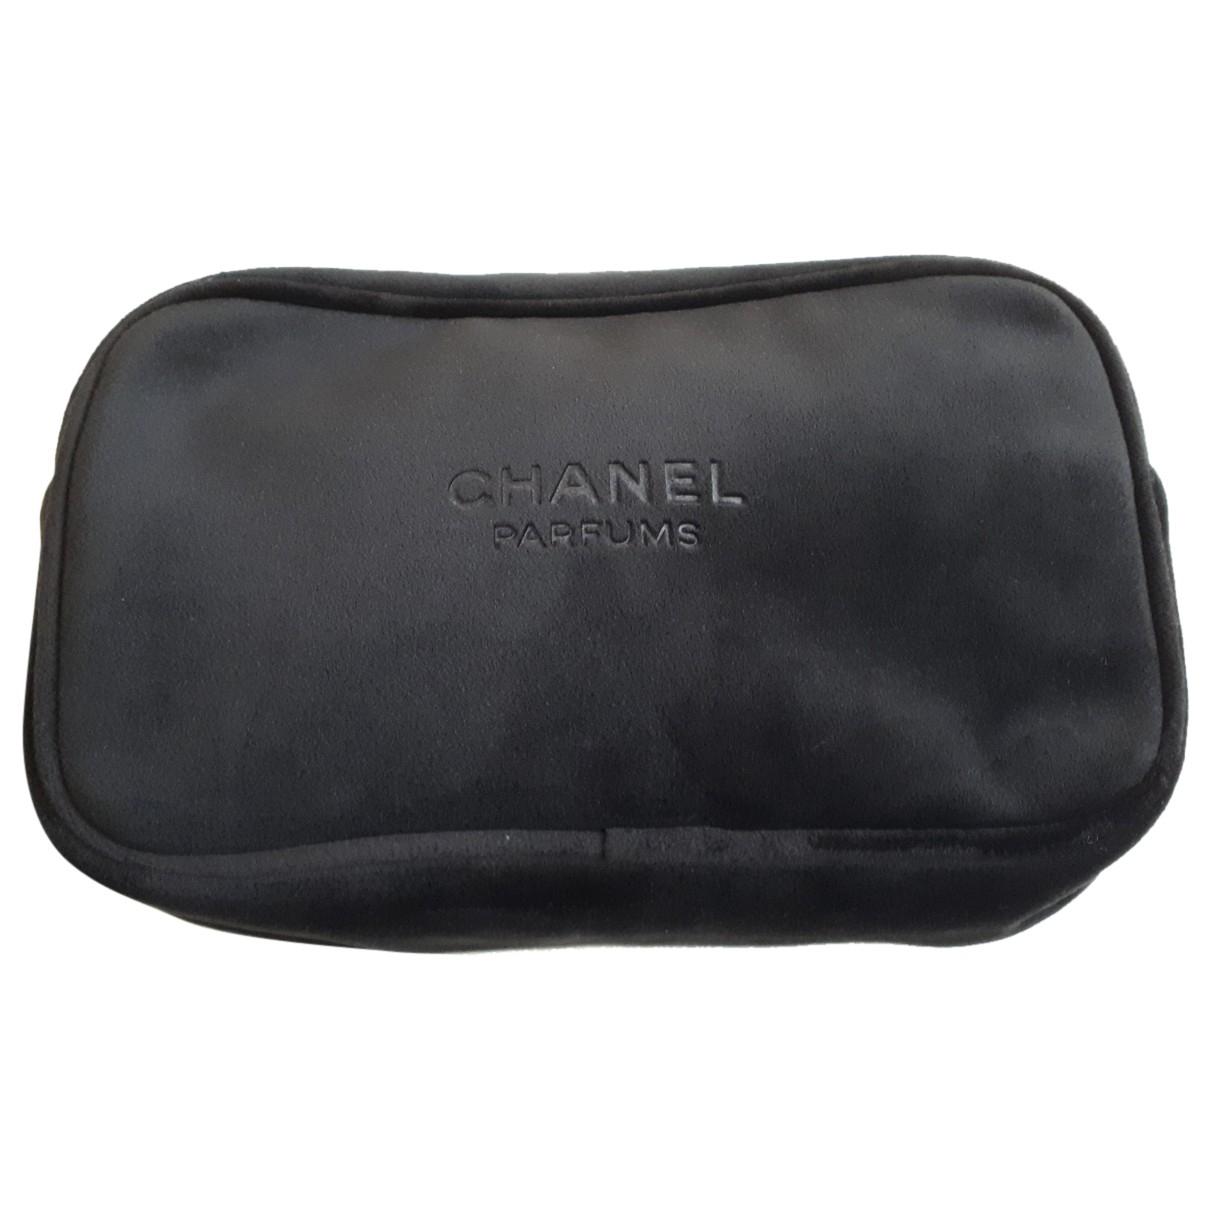 Chanel - Petite maroquinerie   pour femme en autre - noir